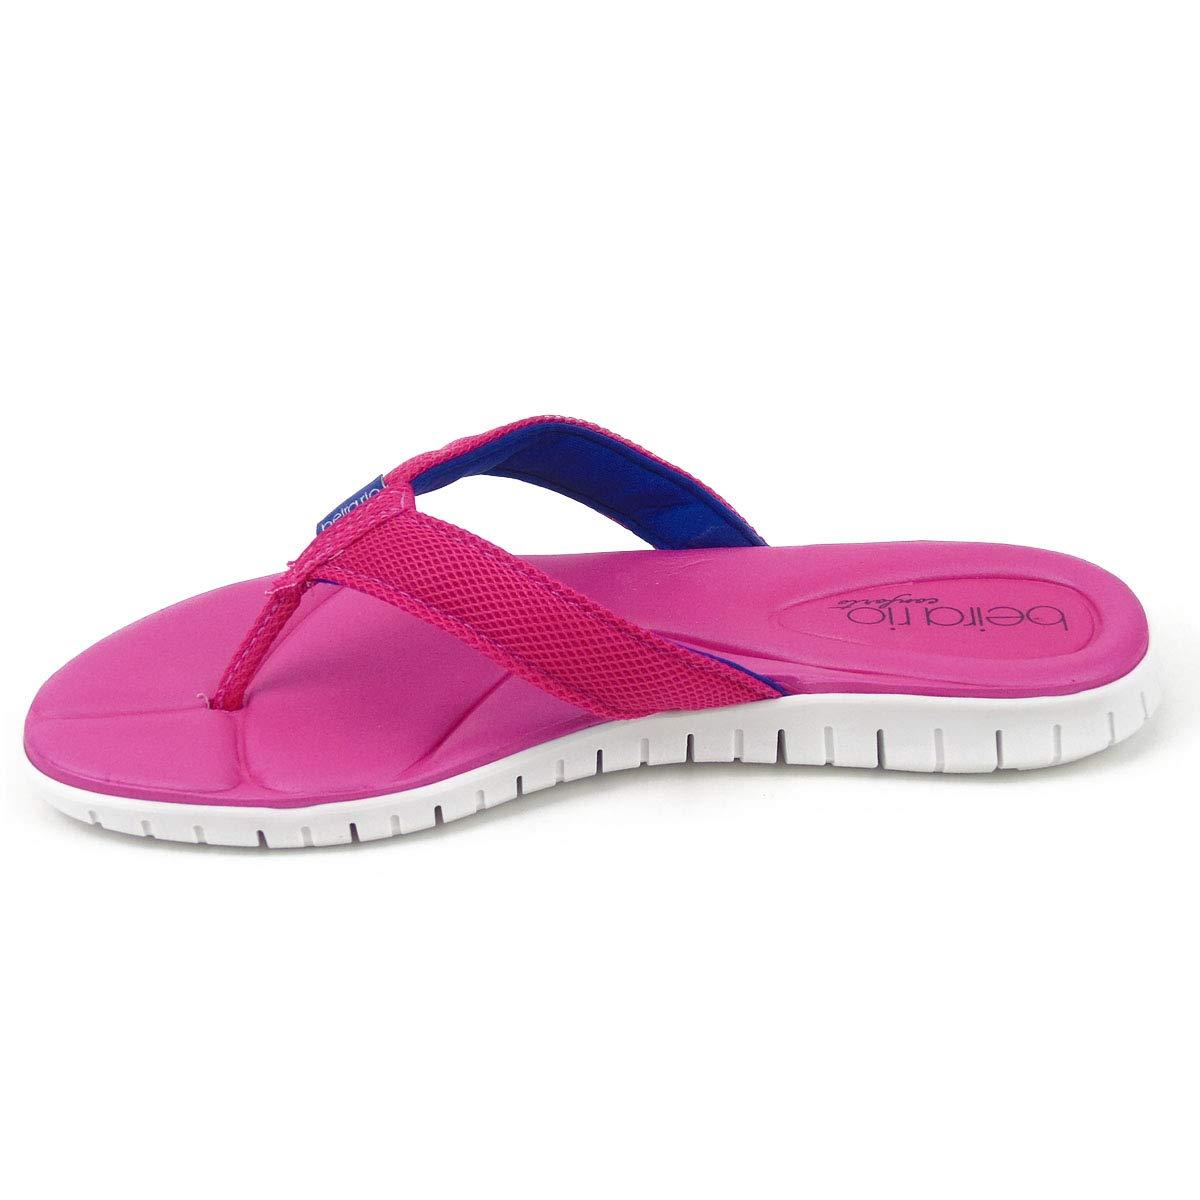 a093a2e023 Chinelo Beira Rio Conforto Tira Pronta Nylon Saturno 8357.100 na cor Pink  Azul  Amazon.com.br  Amazon Moda